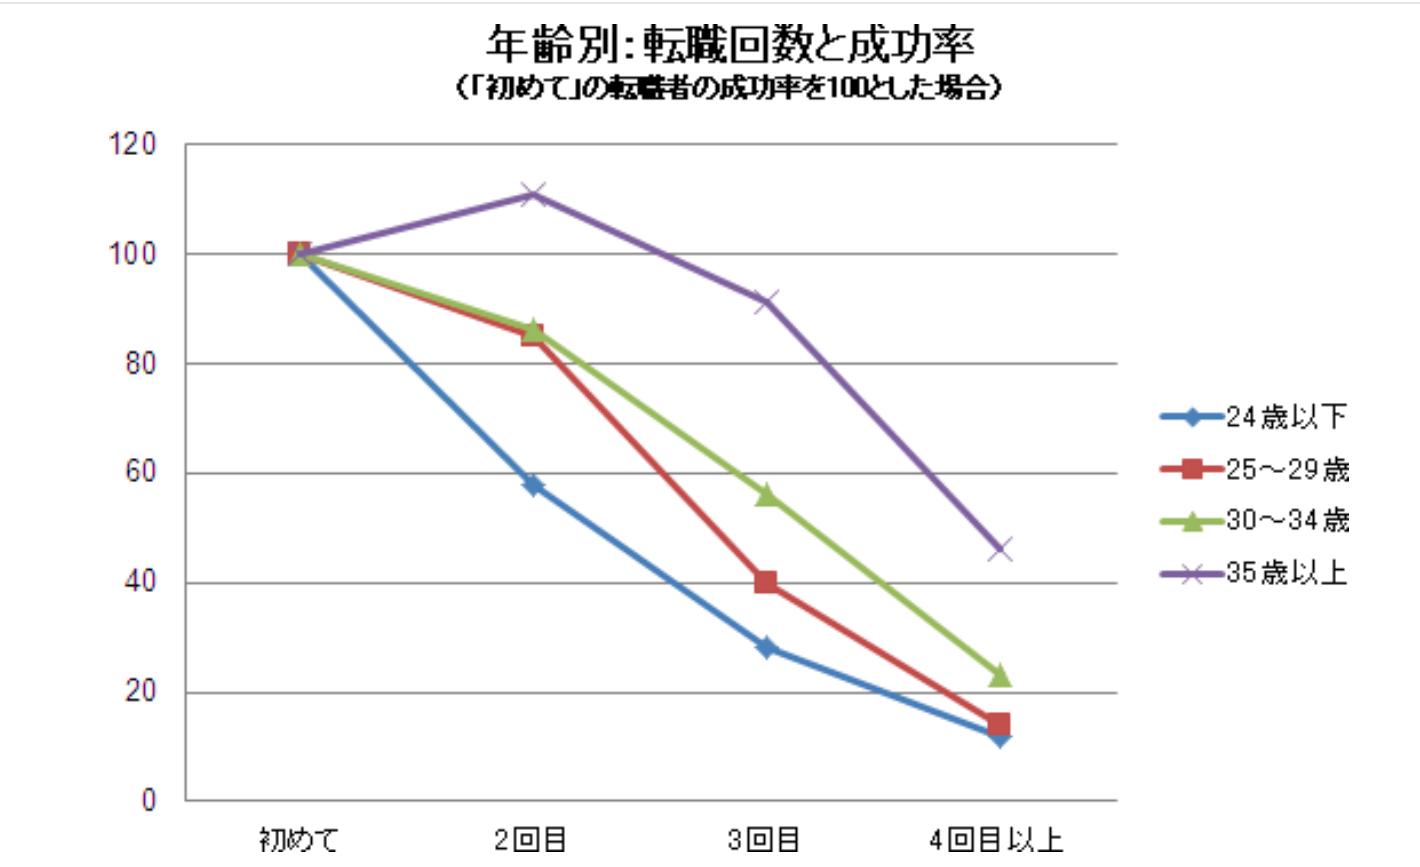 年齢別転職回数と成功率のグラフ